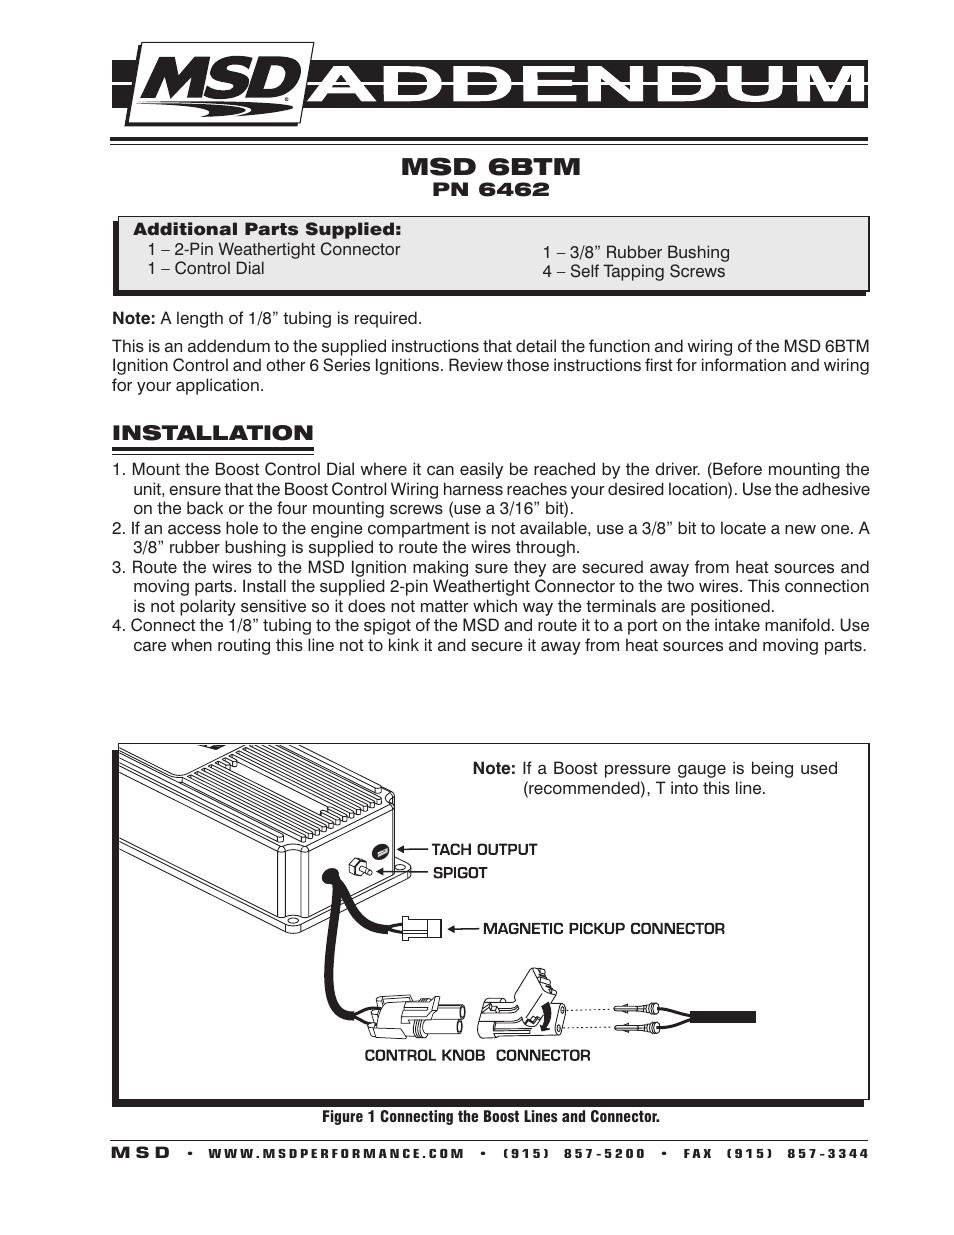 wiring diagram msd 6462